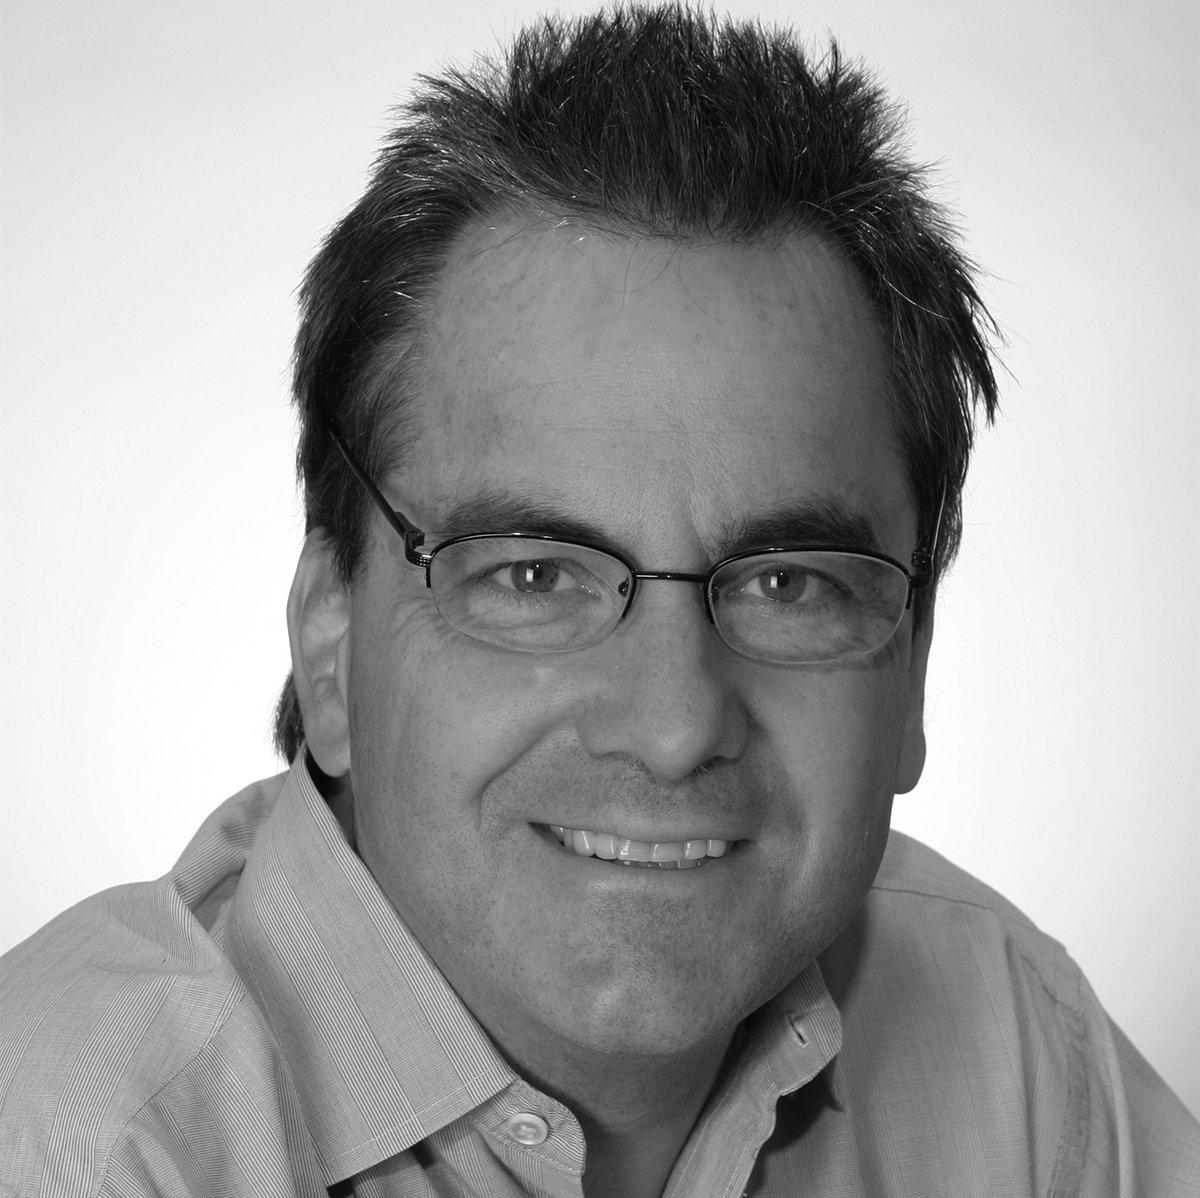 Jim Bierfeldt BW 1200